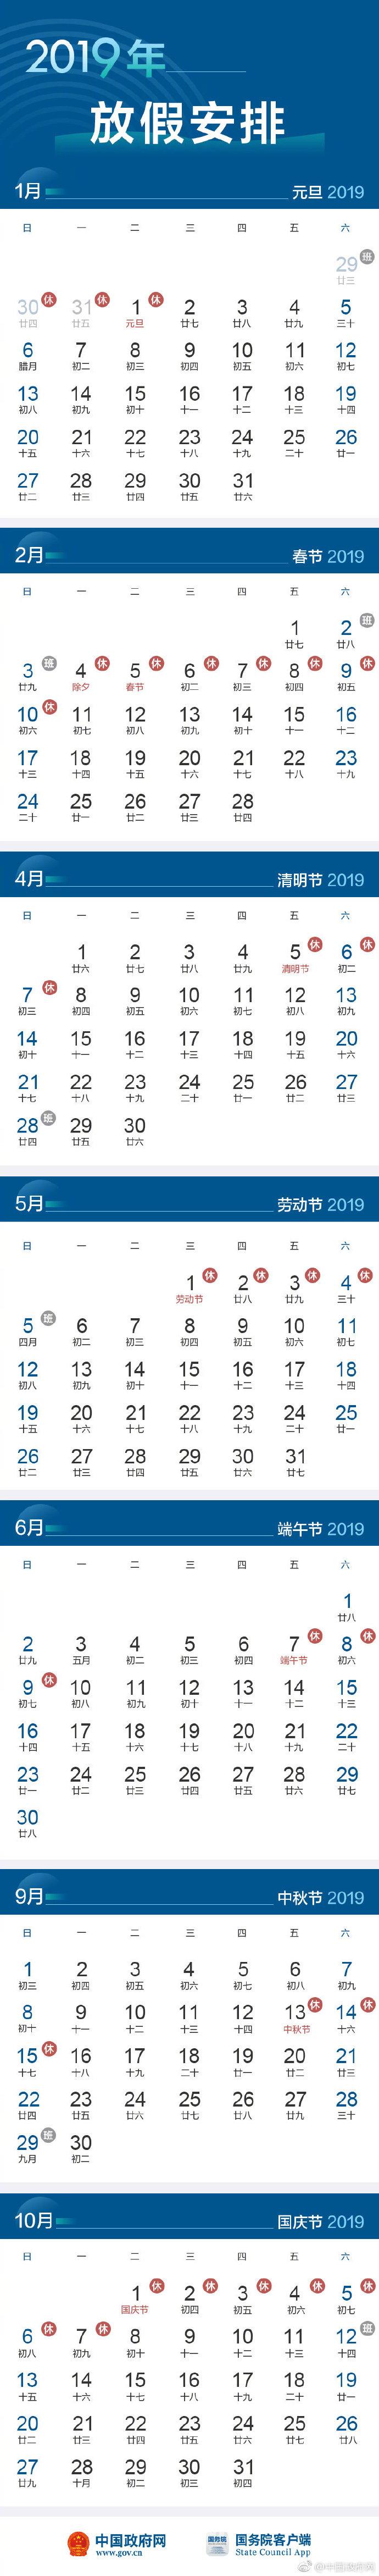 五一放假調整!5月1日到4日放4天